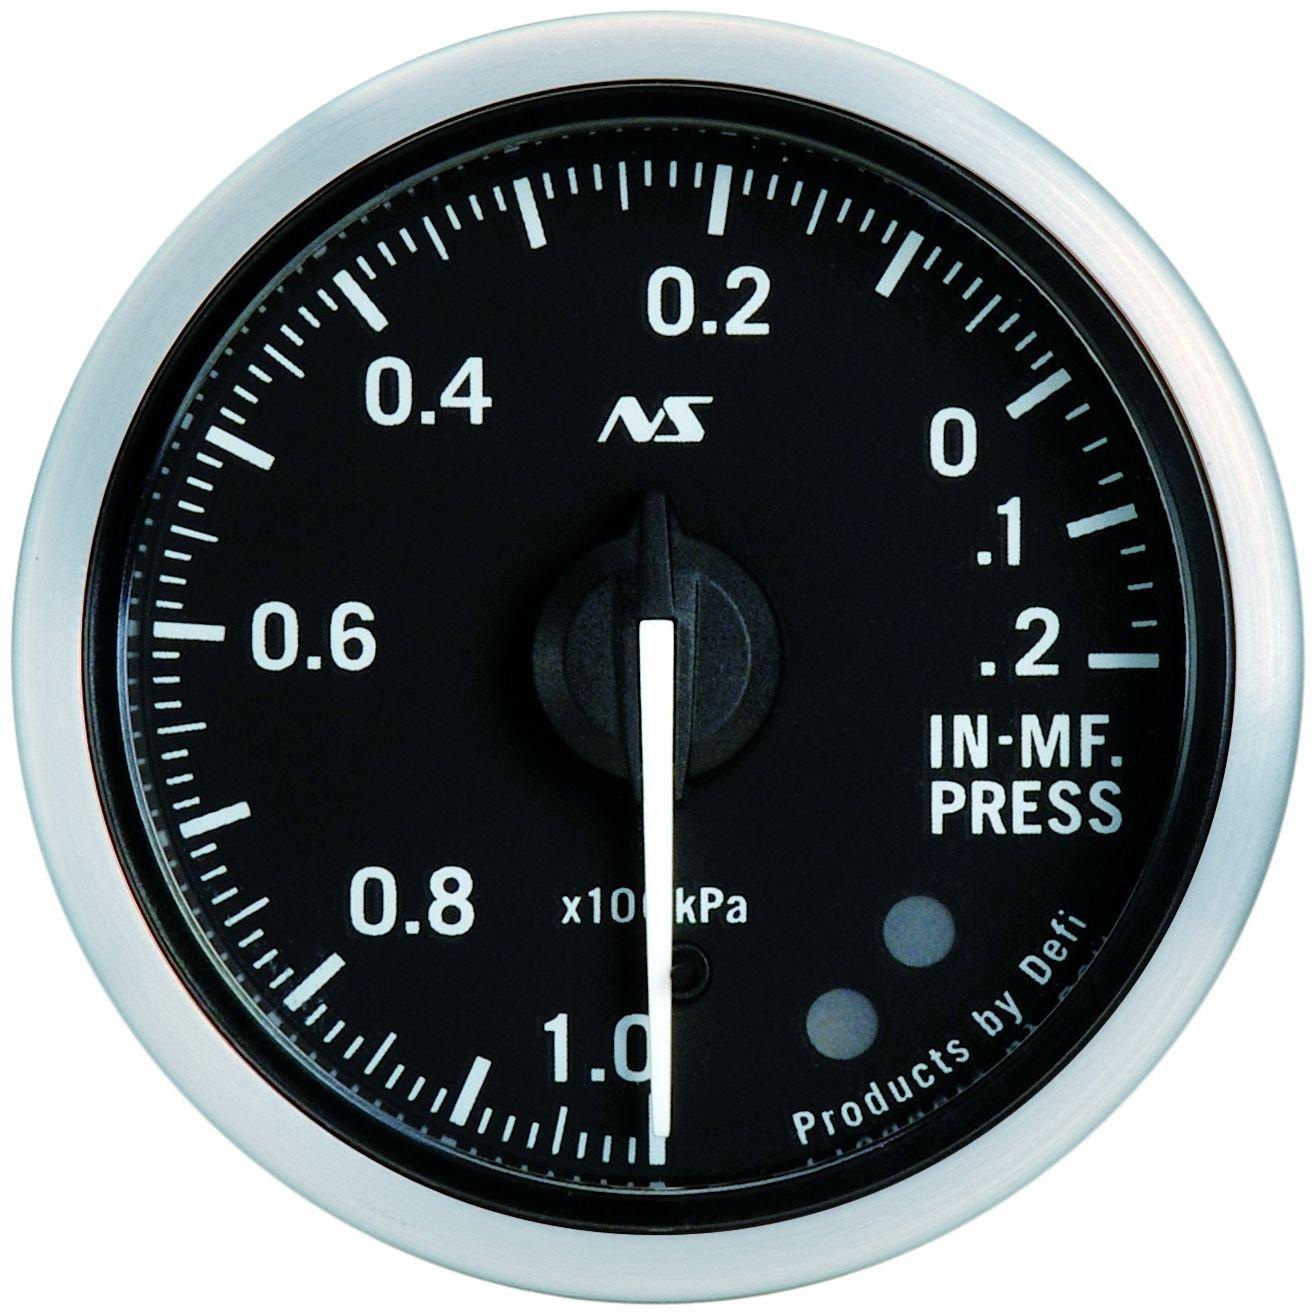 日本精機 Defi メーター Defi-Link Meter ADVANCE RS 52Φ インテークマニホールドプレッシャー計 DF13601 B00EWIY9YY